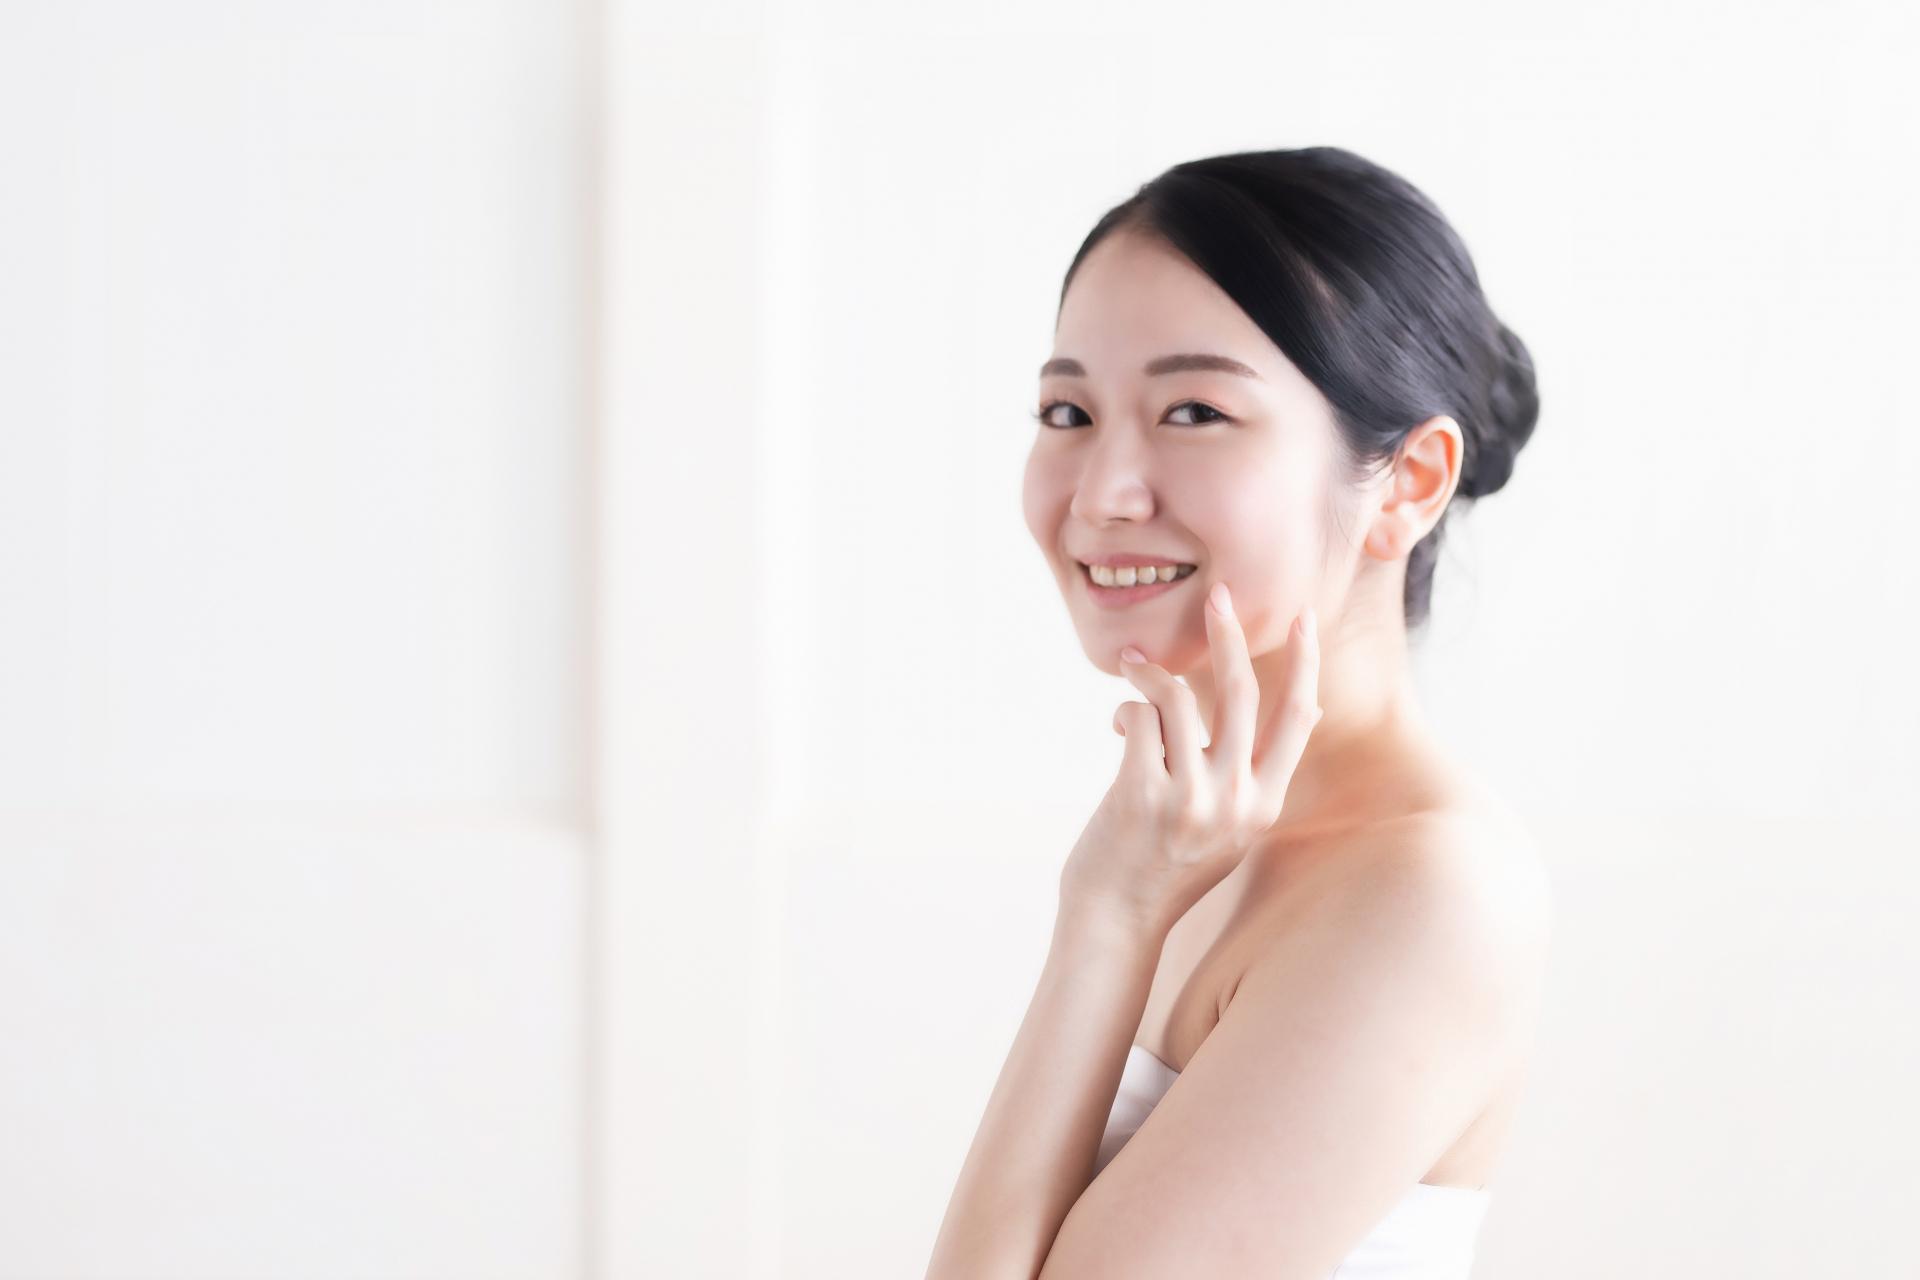 繰り返すニキビ・肌荒れの漢方的対策/体の代謝を整えて健康美肌に